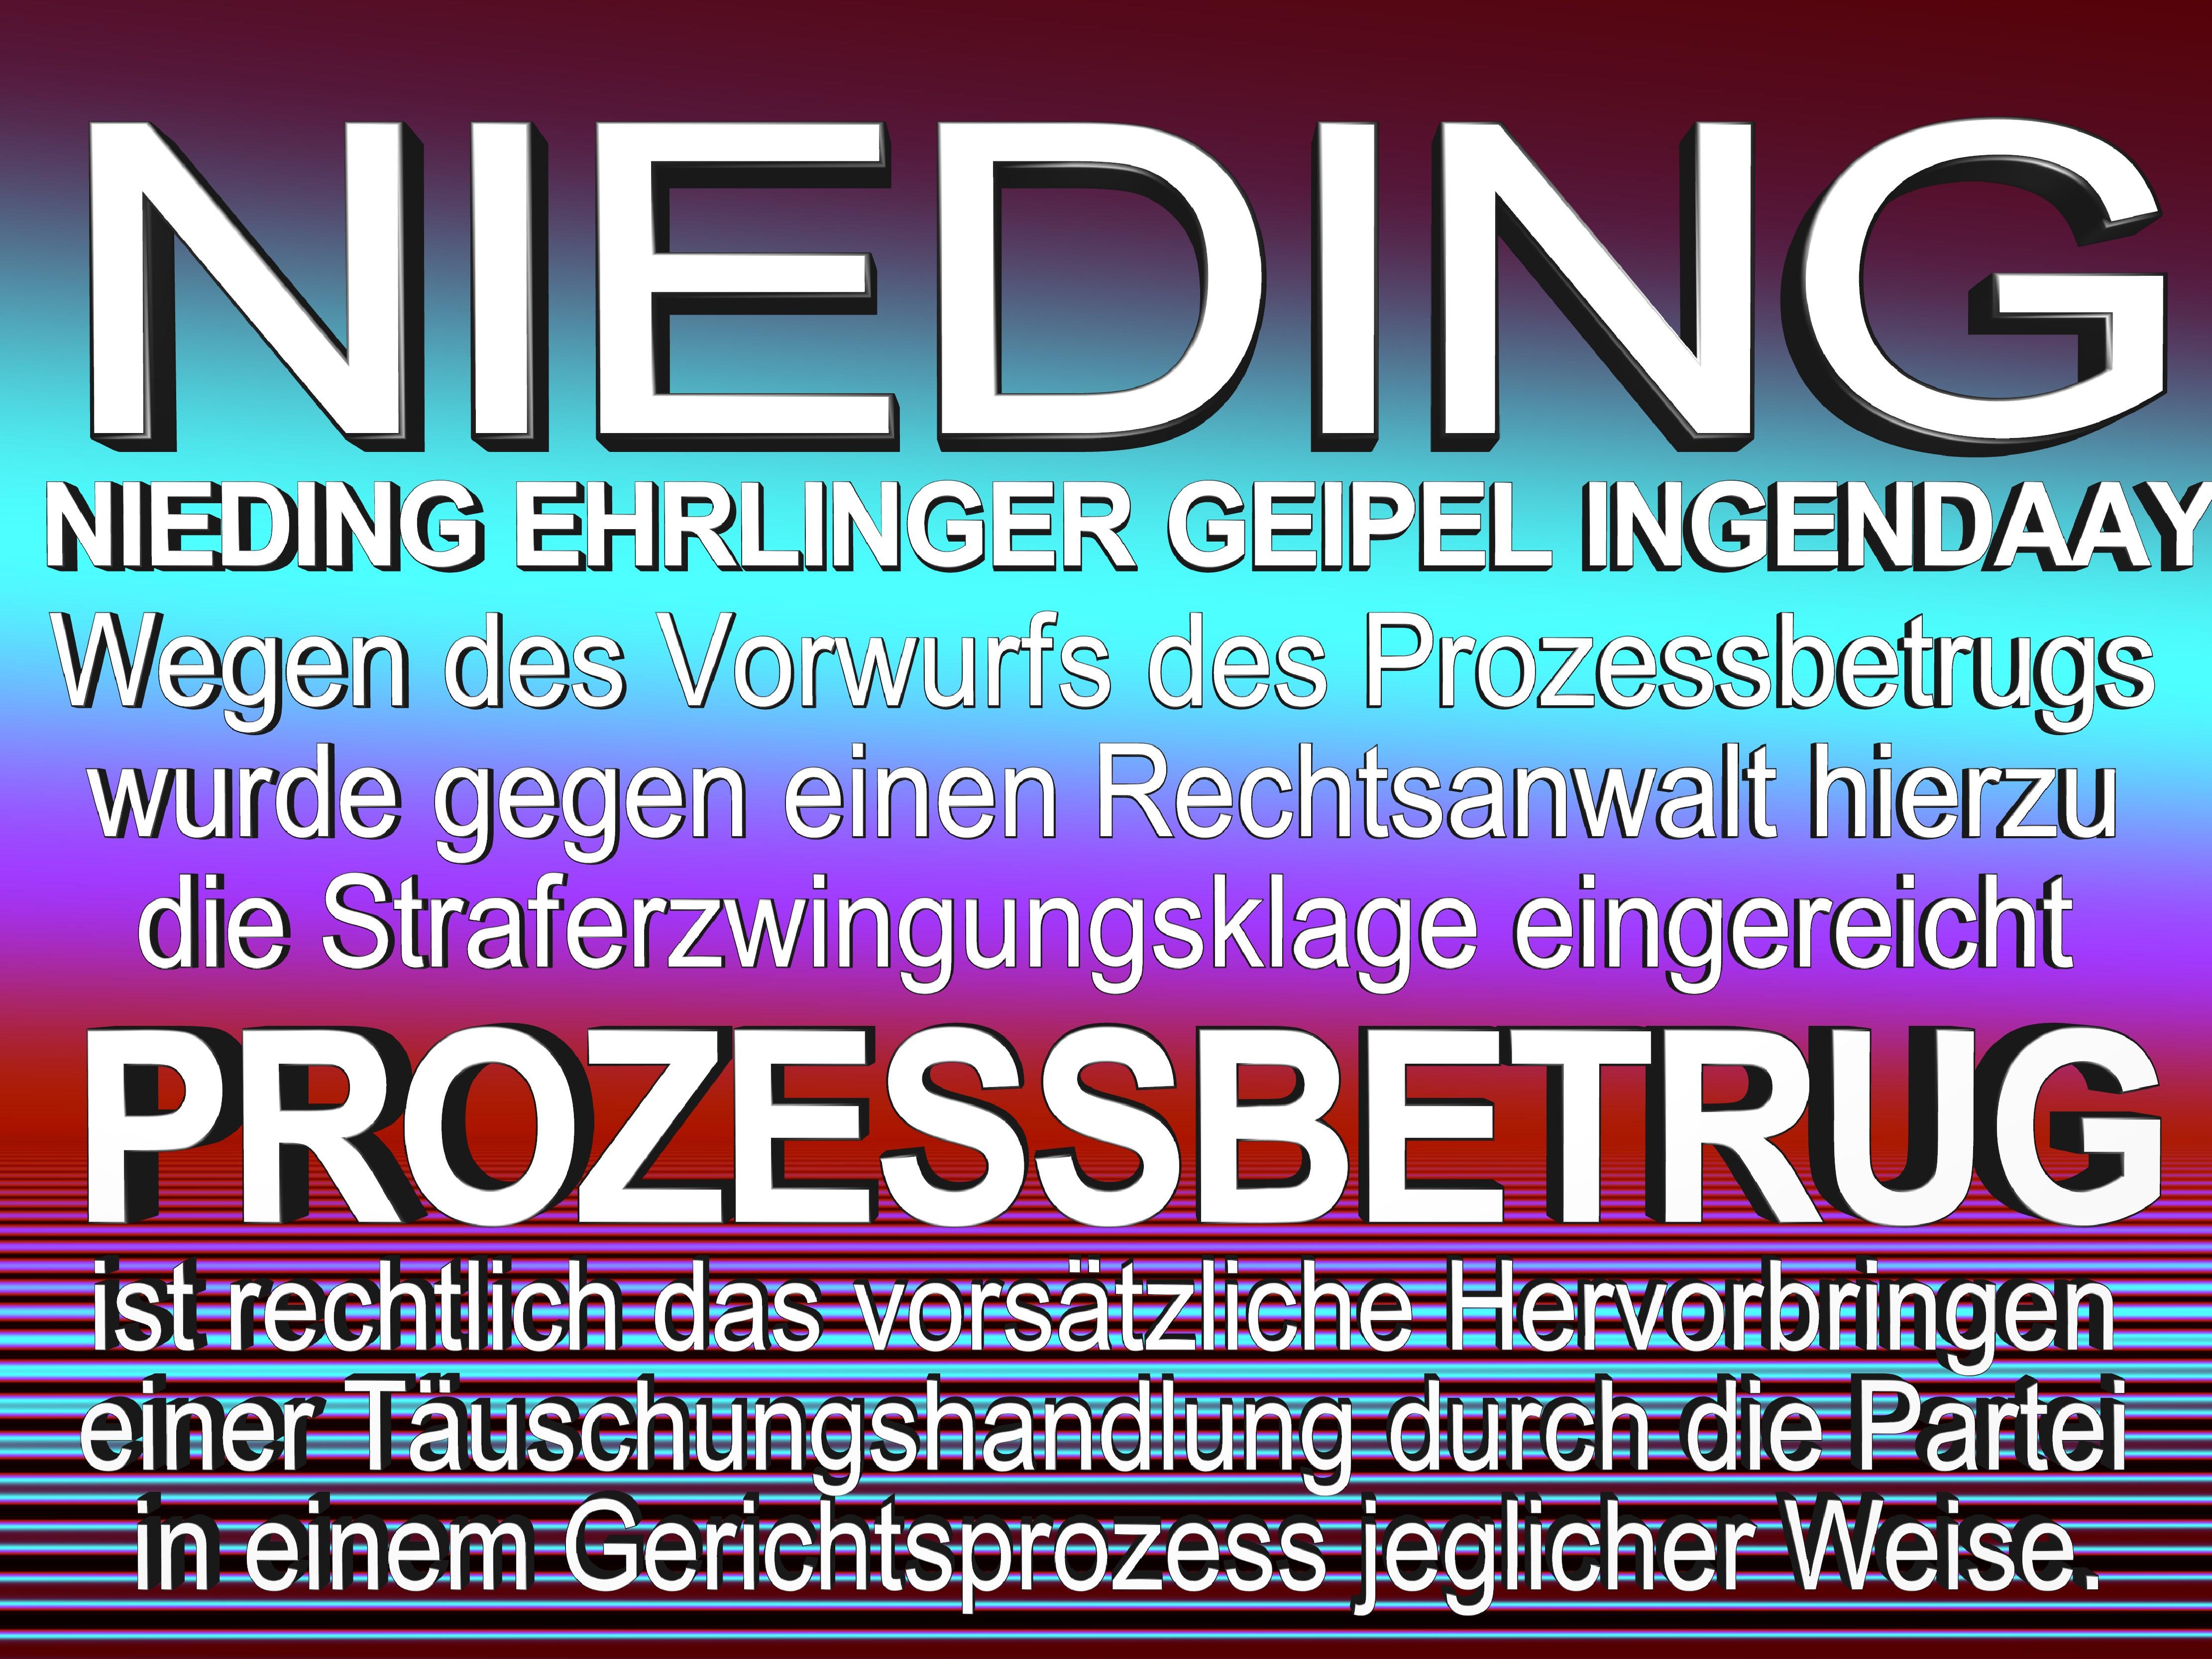 NIEDING EHRLINGER GEIPEL INGENDAAY LELKE Kurfürstendamm 66 Berlin (75)